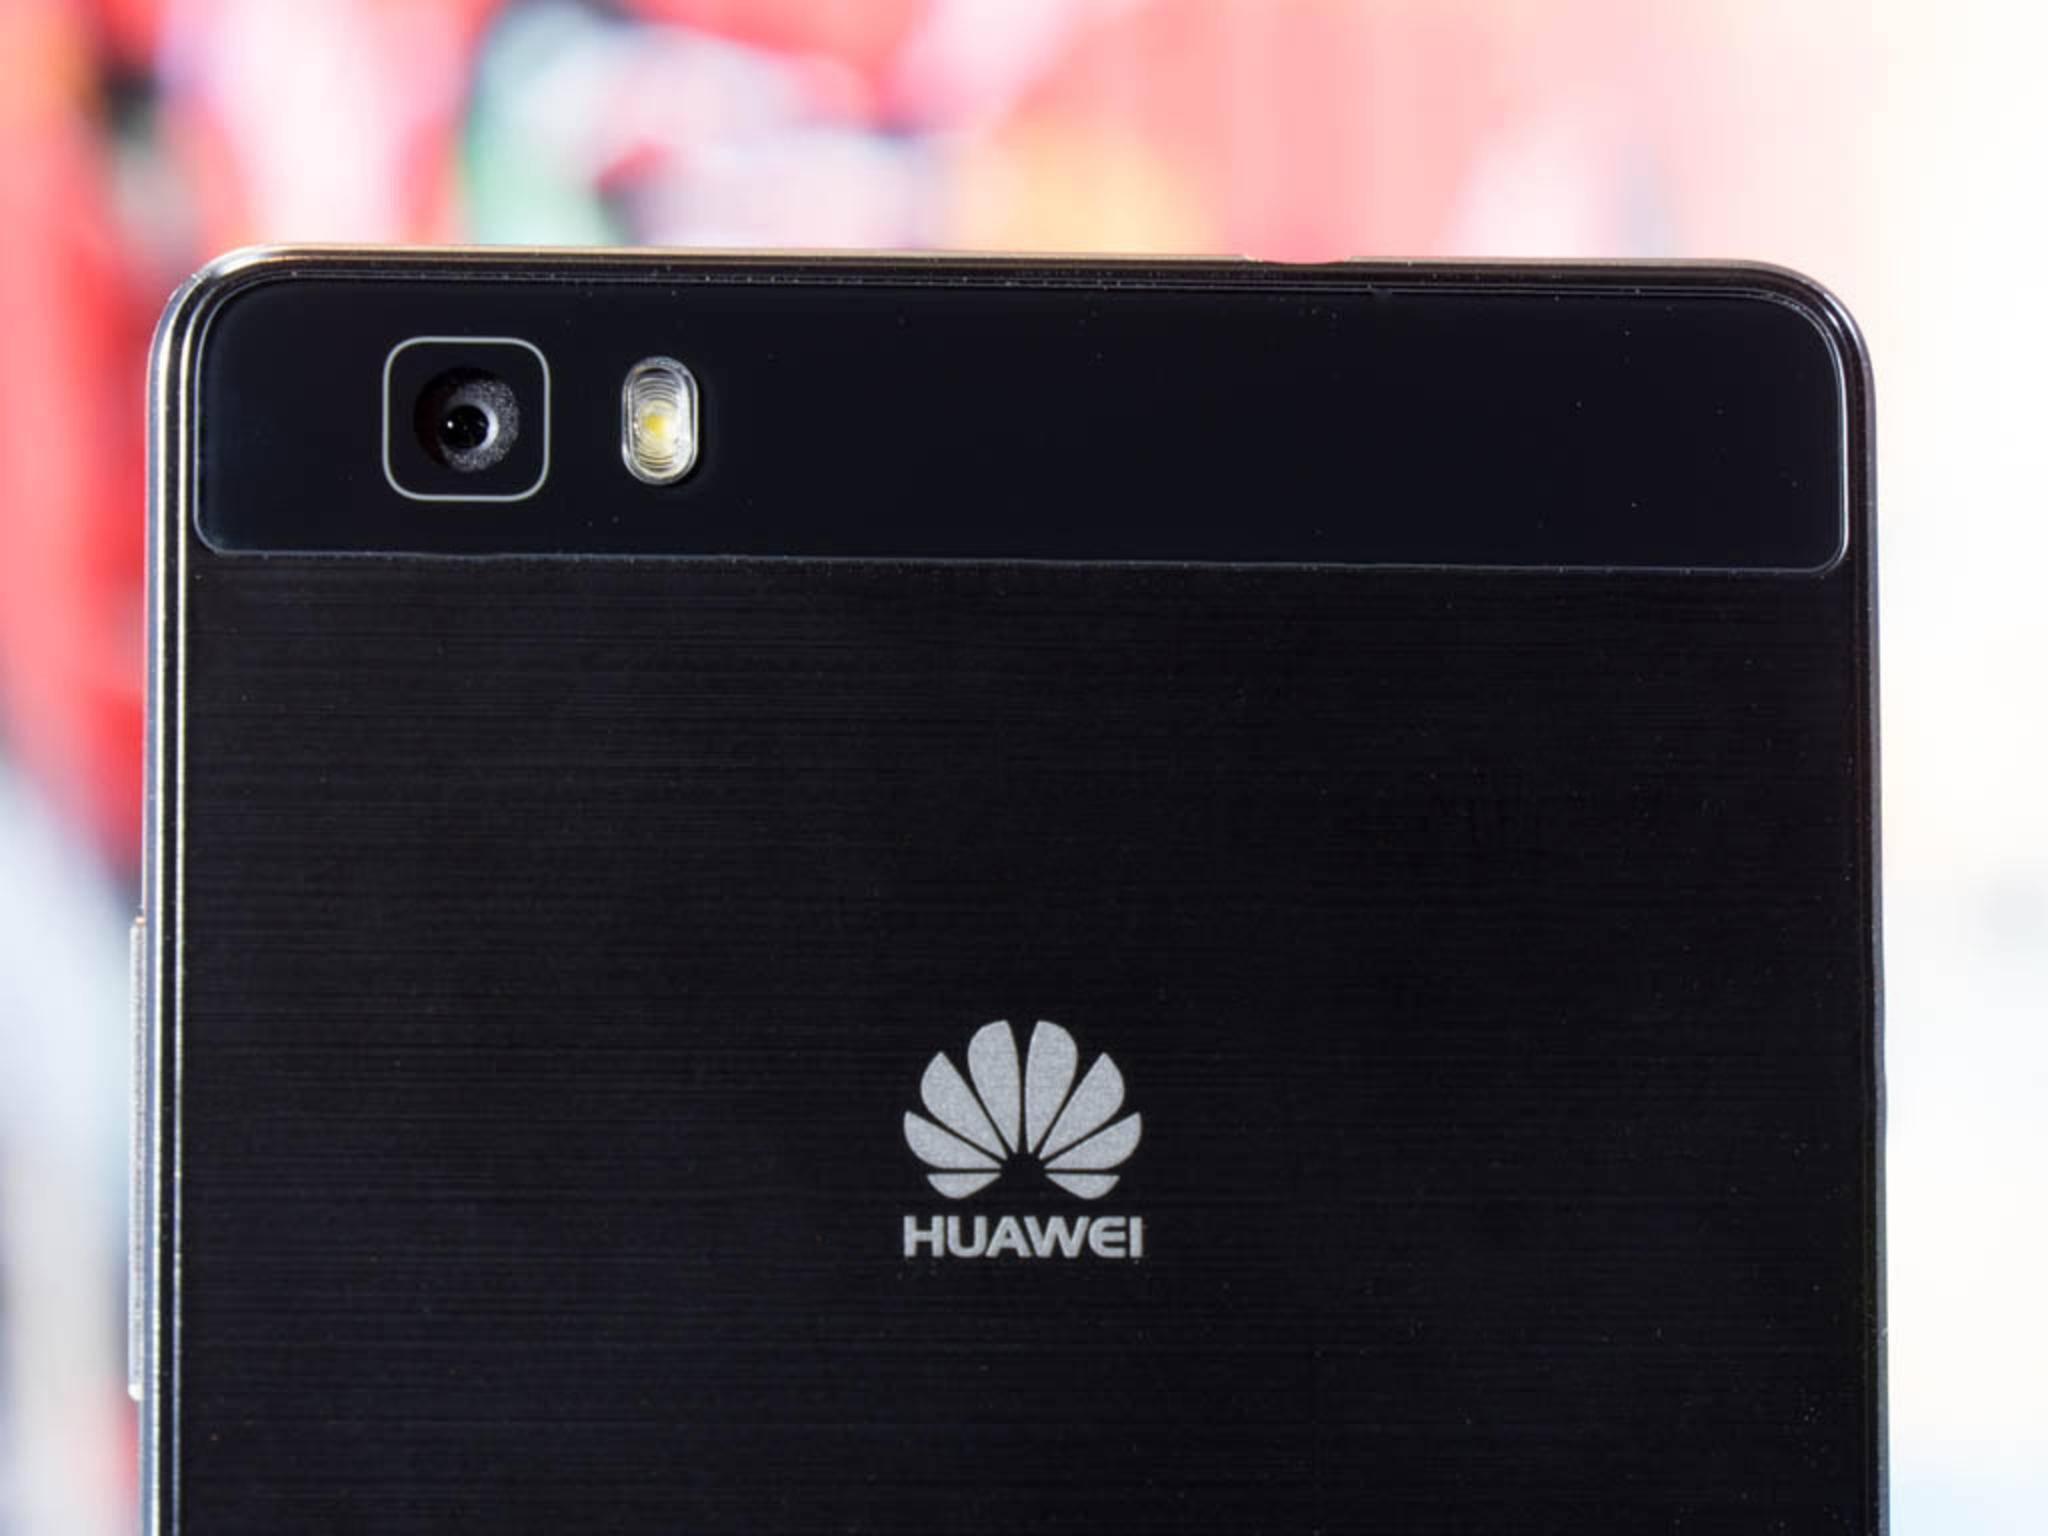 Die Rückkamera des Huawei P8 Lite und der LED-Blitz.